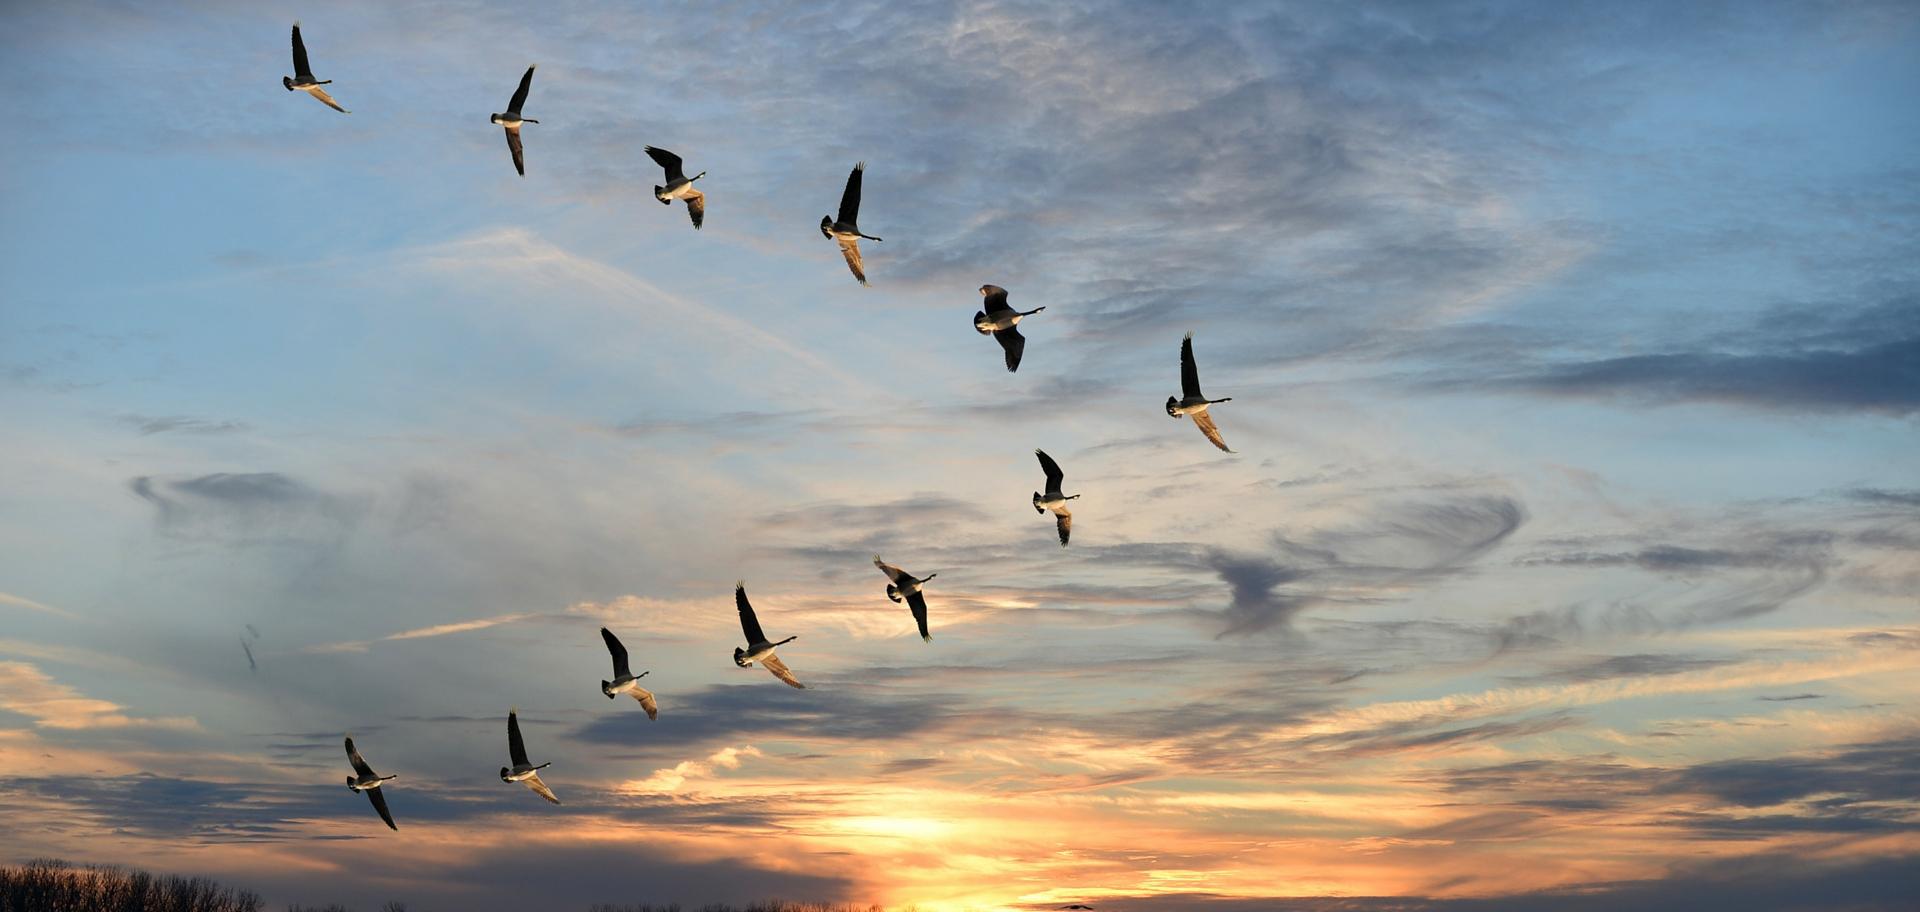 Top 10 Endangered Bird Species